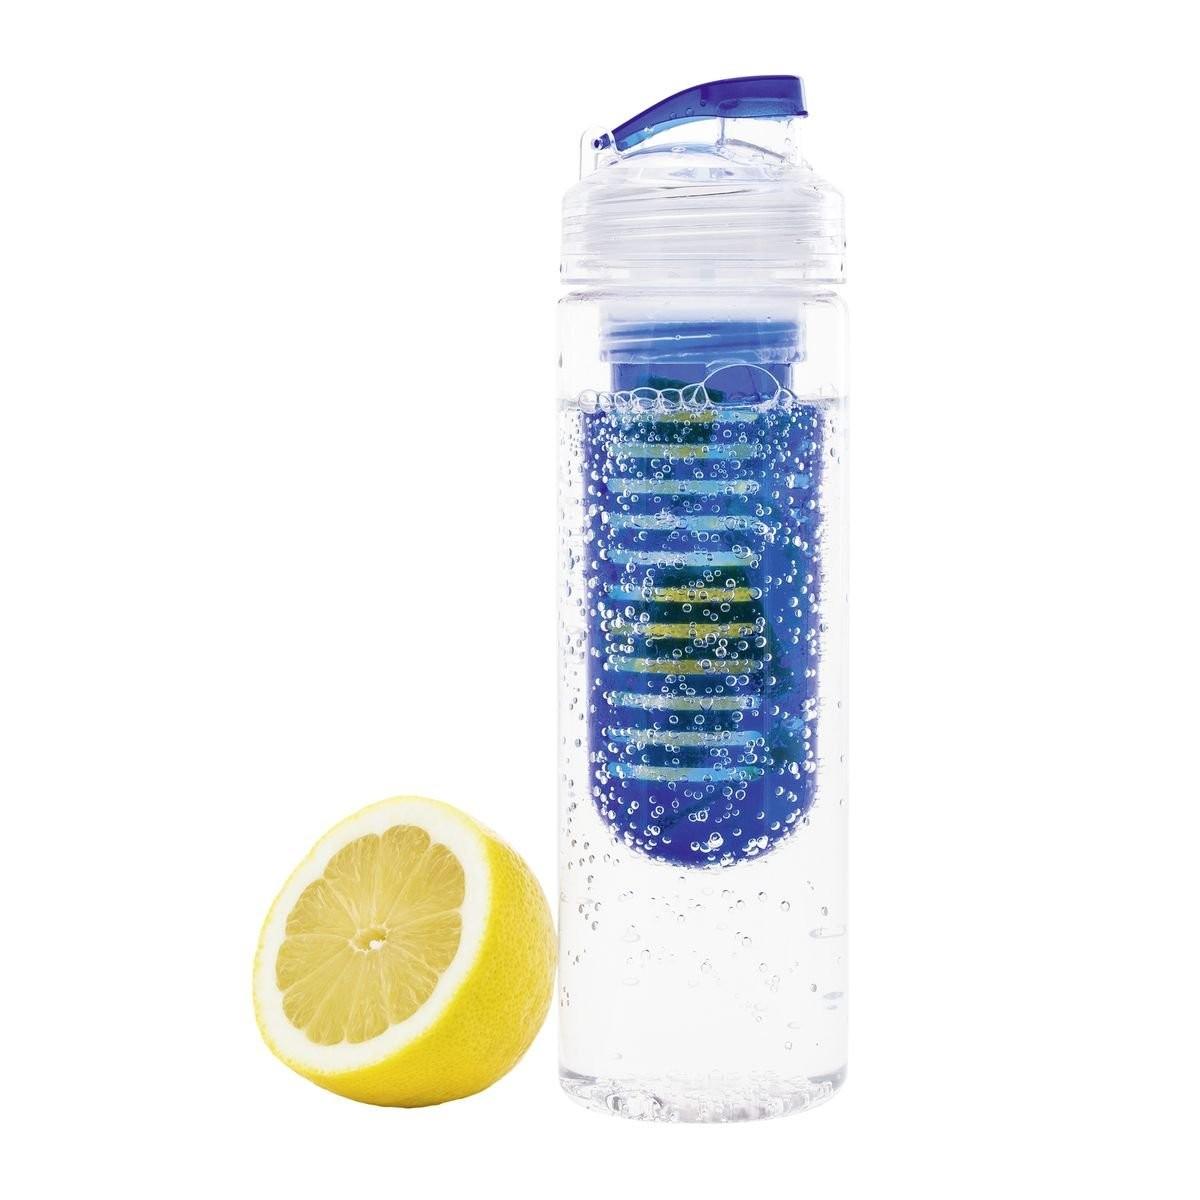 Trinkflasche mit Fruchtbehälter REFLECTS-JOLIETTA, Ansicht 2